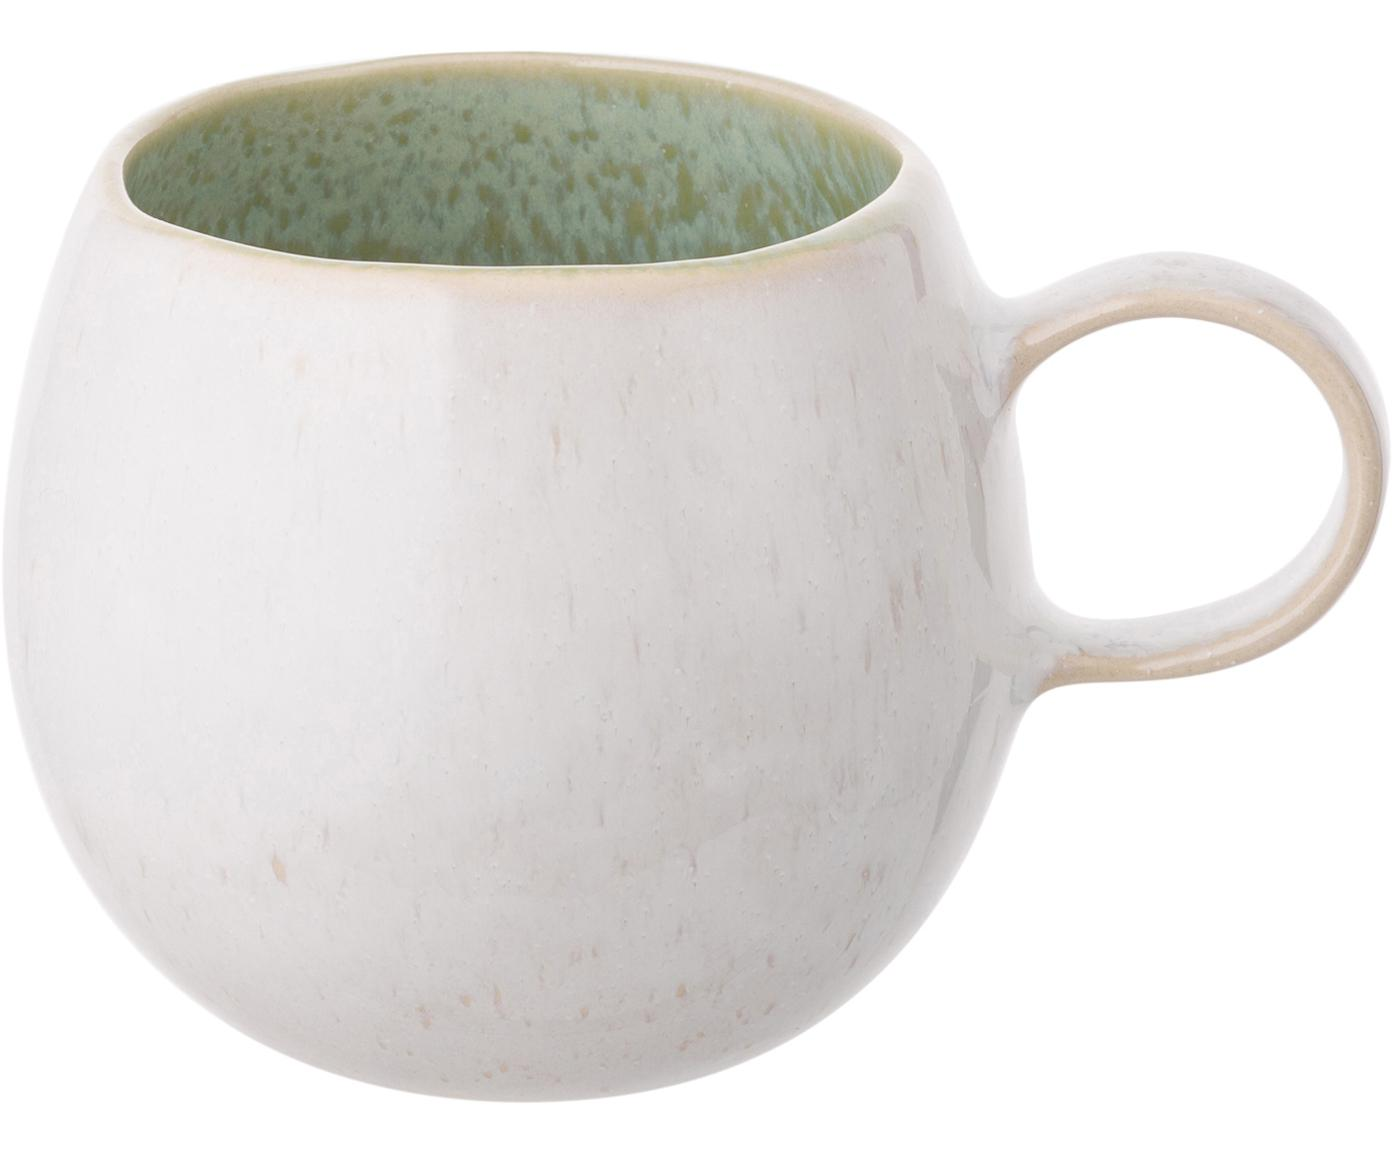 Tazas de té pintadas a mano Areia, 2uds., Gres, Menta, blanco crudo, beige, Ø 9 x Al 10 cm